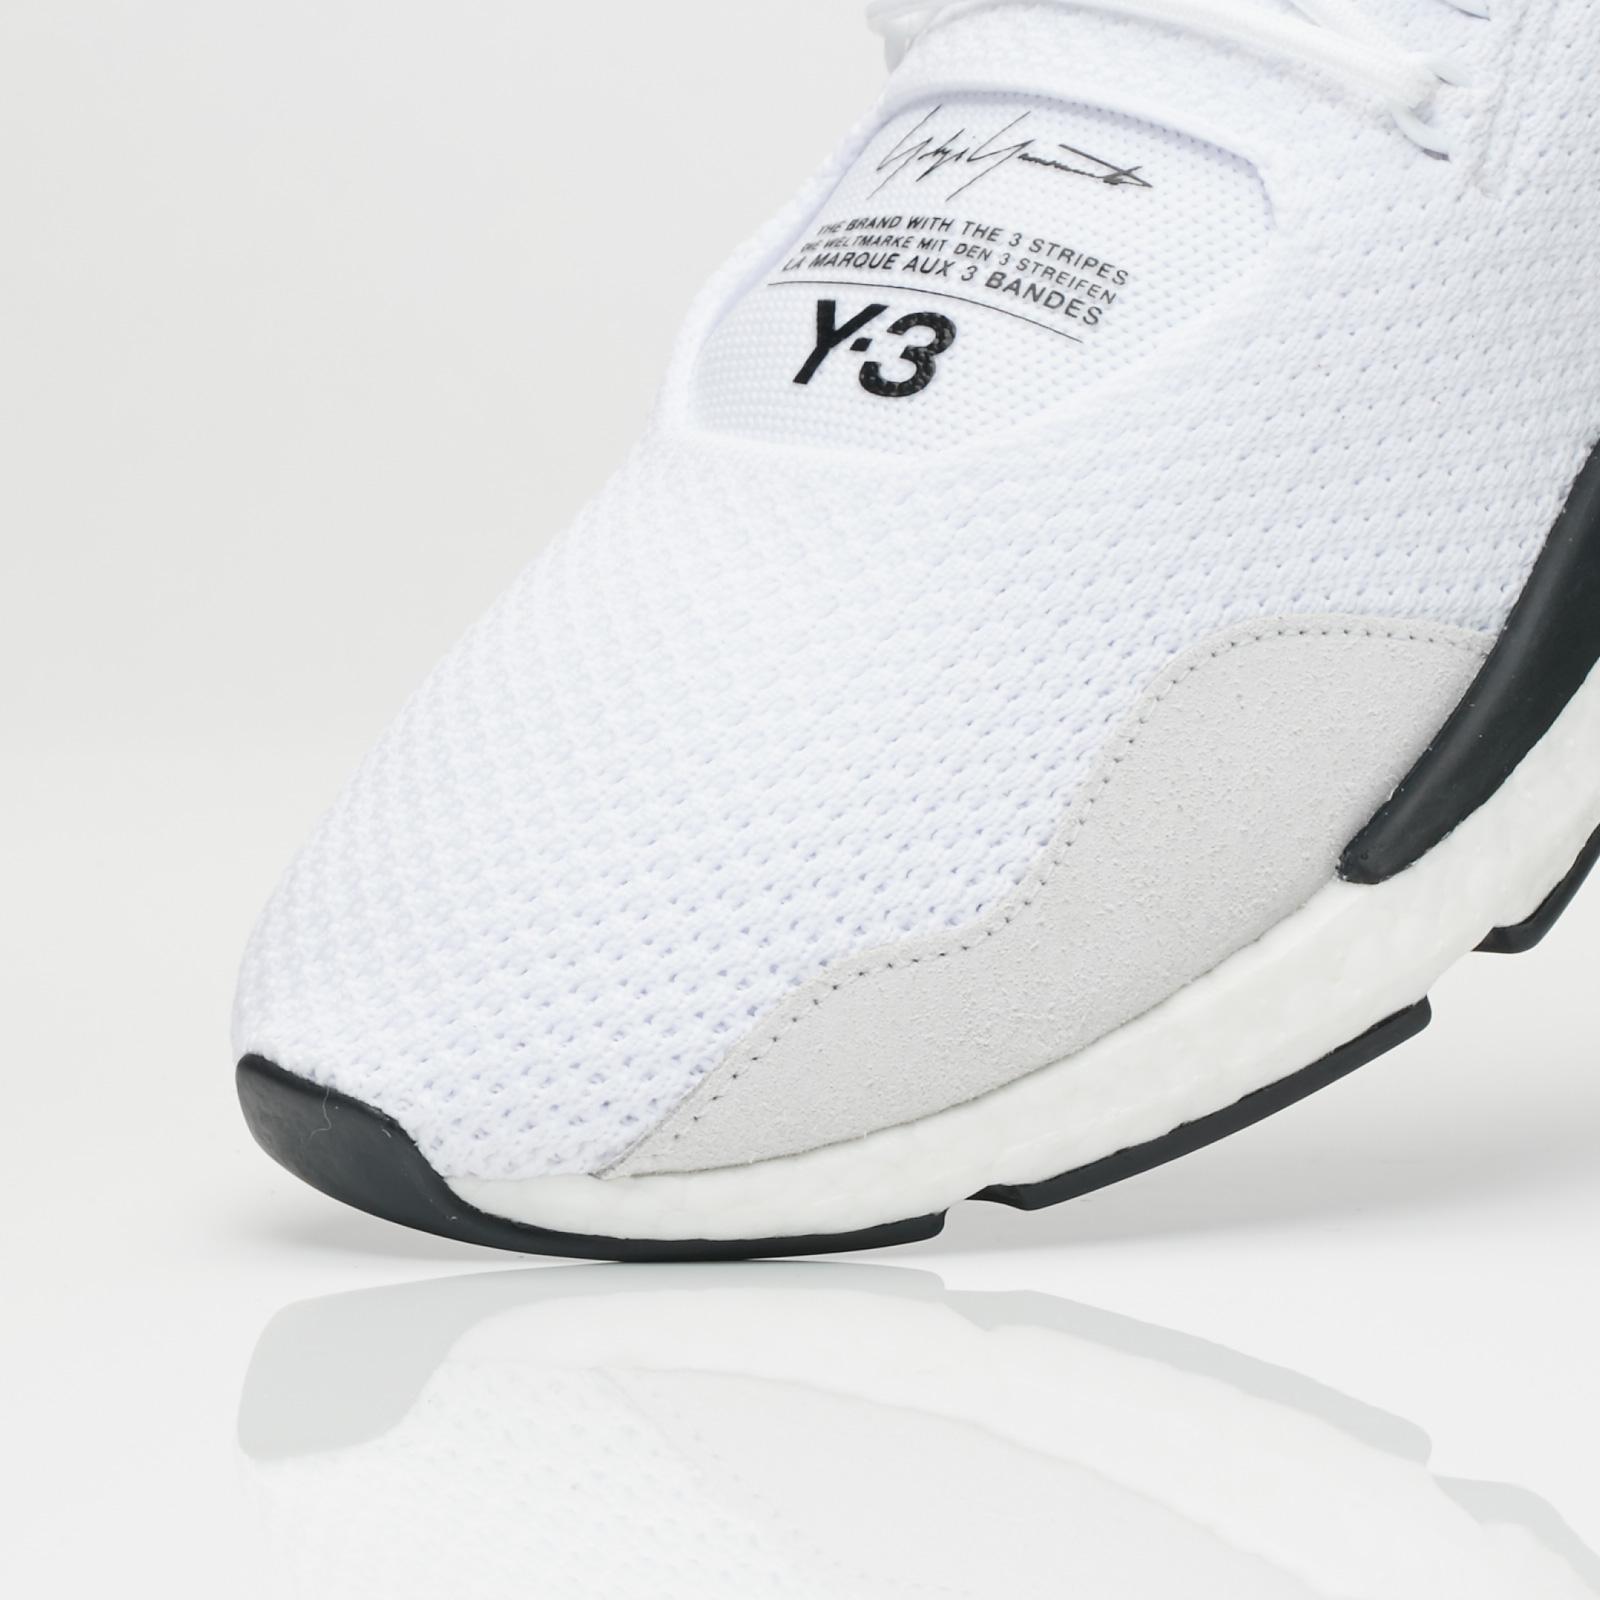 e6ee96659 adidas Saikou - Ac7195 - Sneakersnstuff